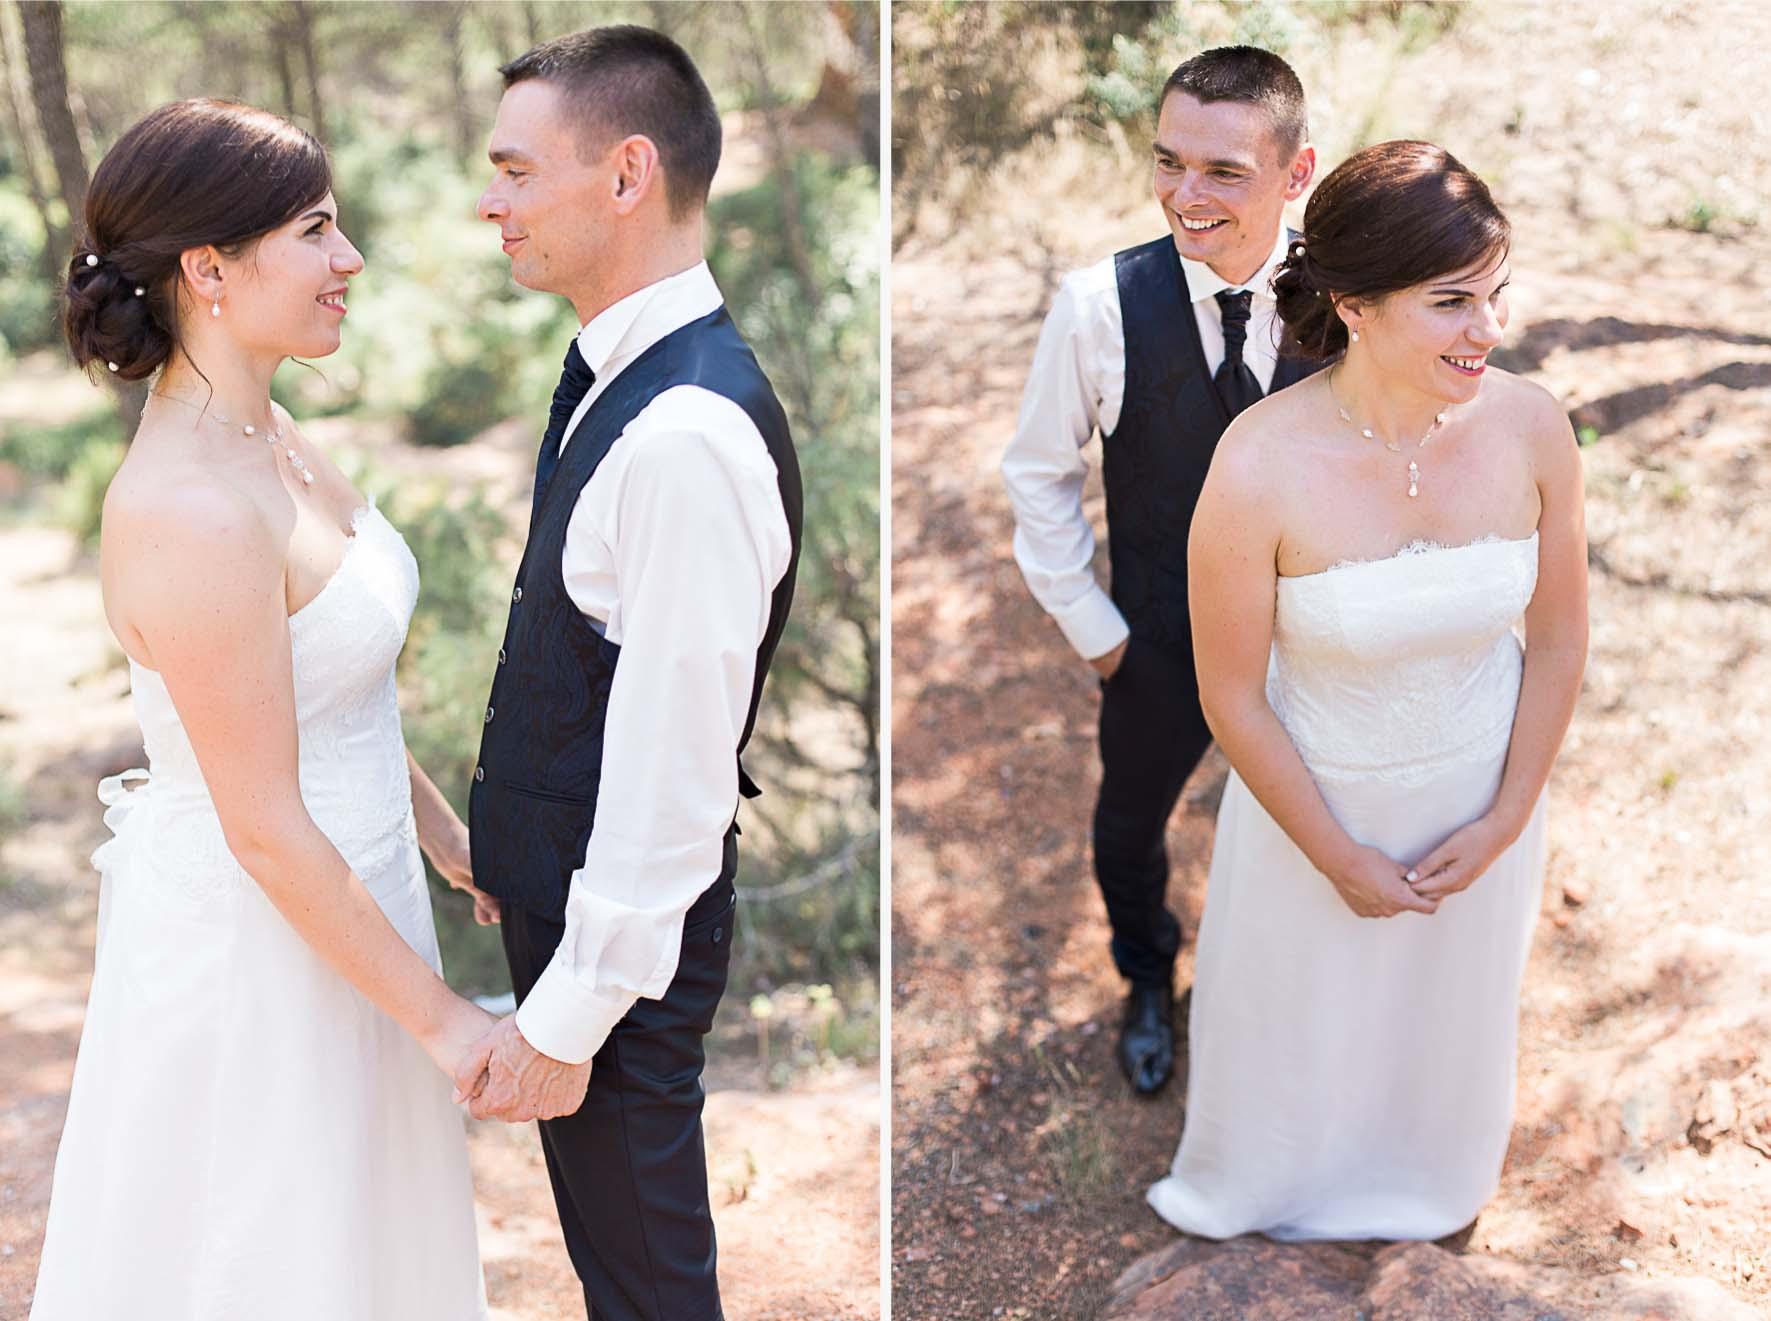 Photographe mariage Aix en Provence - Andrea & Sylvain-25-1